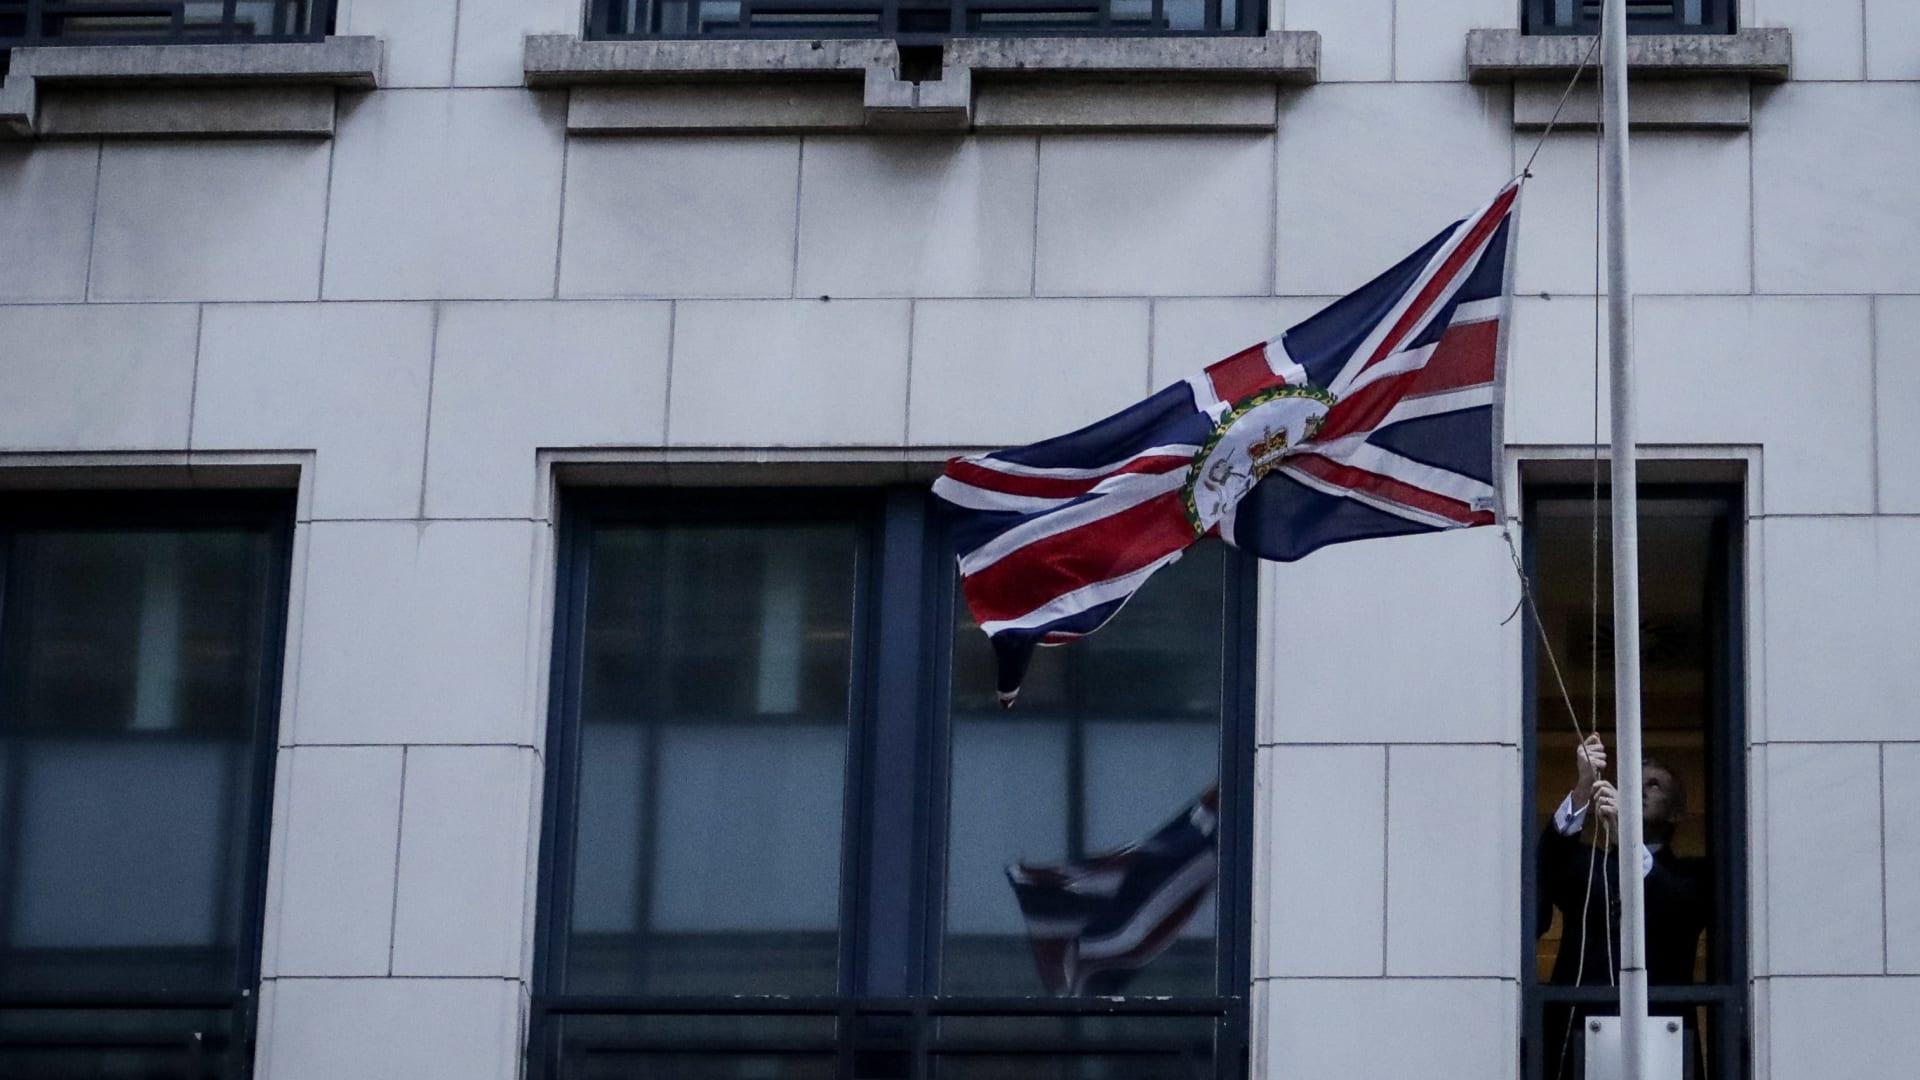 وفاة دبلوماسي بريطاني بسبب فيروس كورونا المستجد.. ووزير الخارجية ينعيه